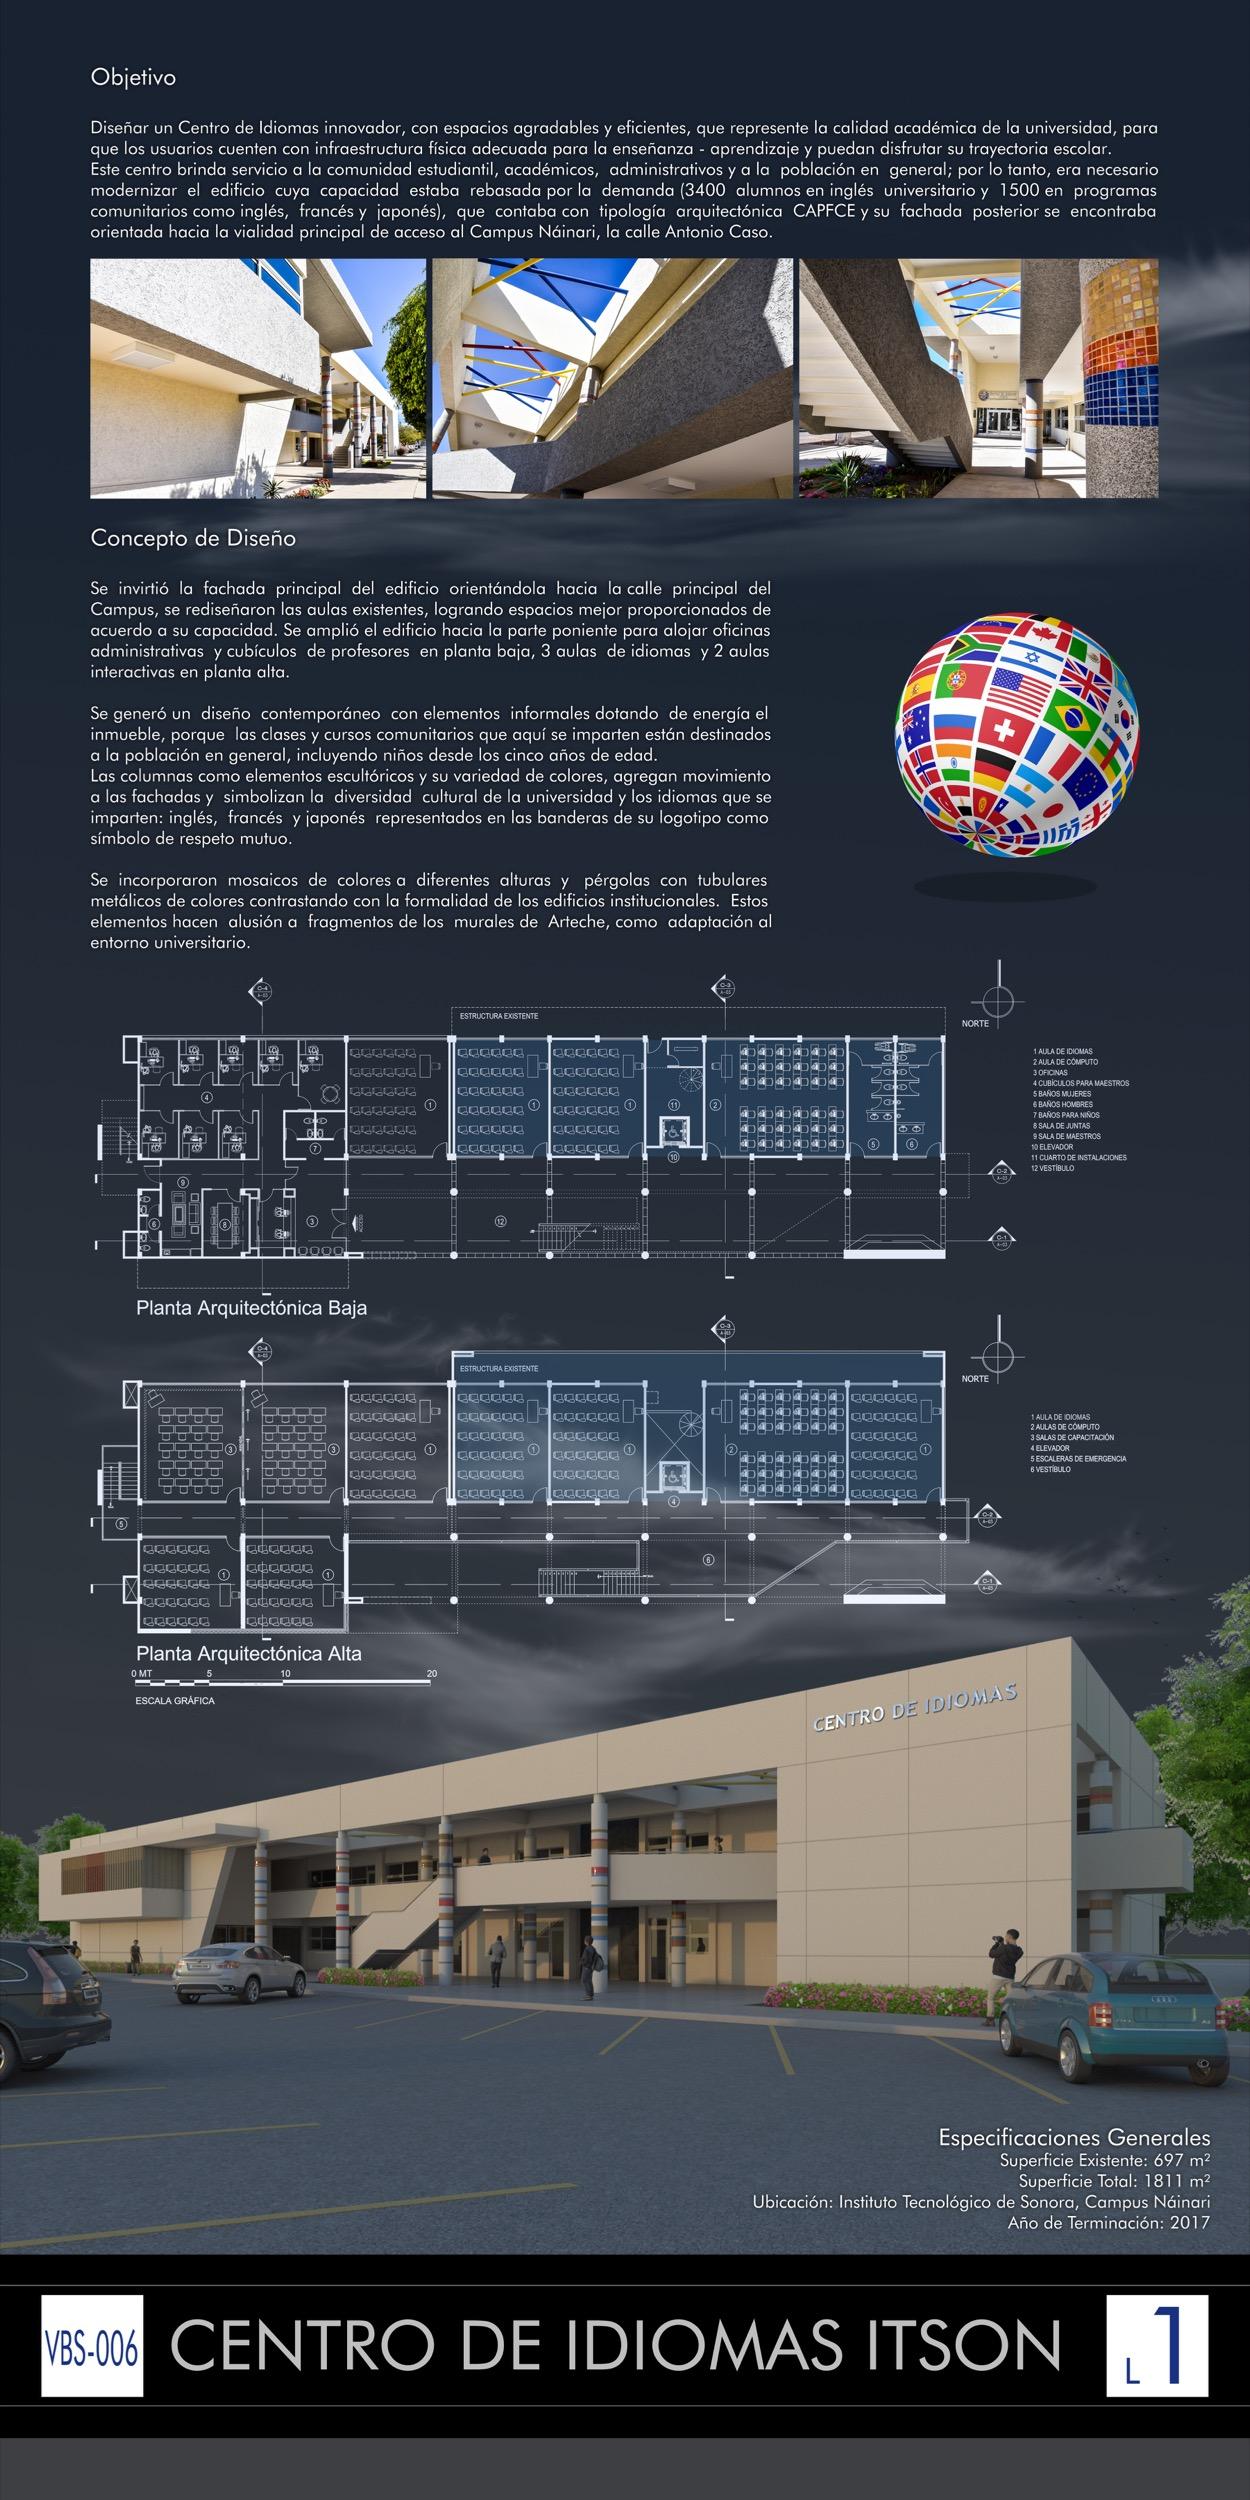 VBS-006-CENTRO DE IDIOMAS ITSON L1.jpg